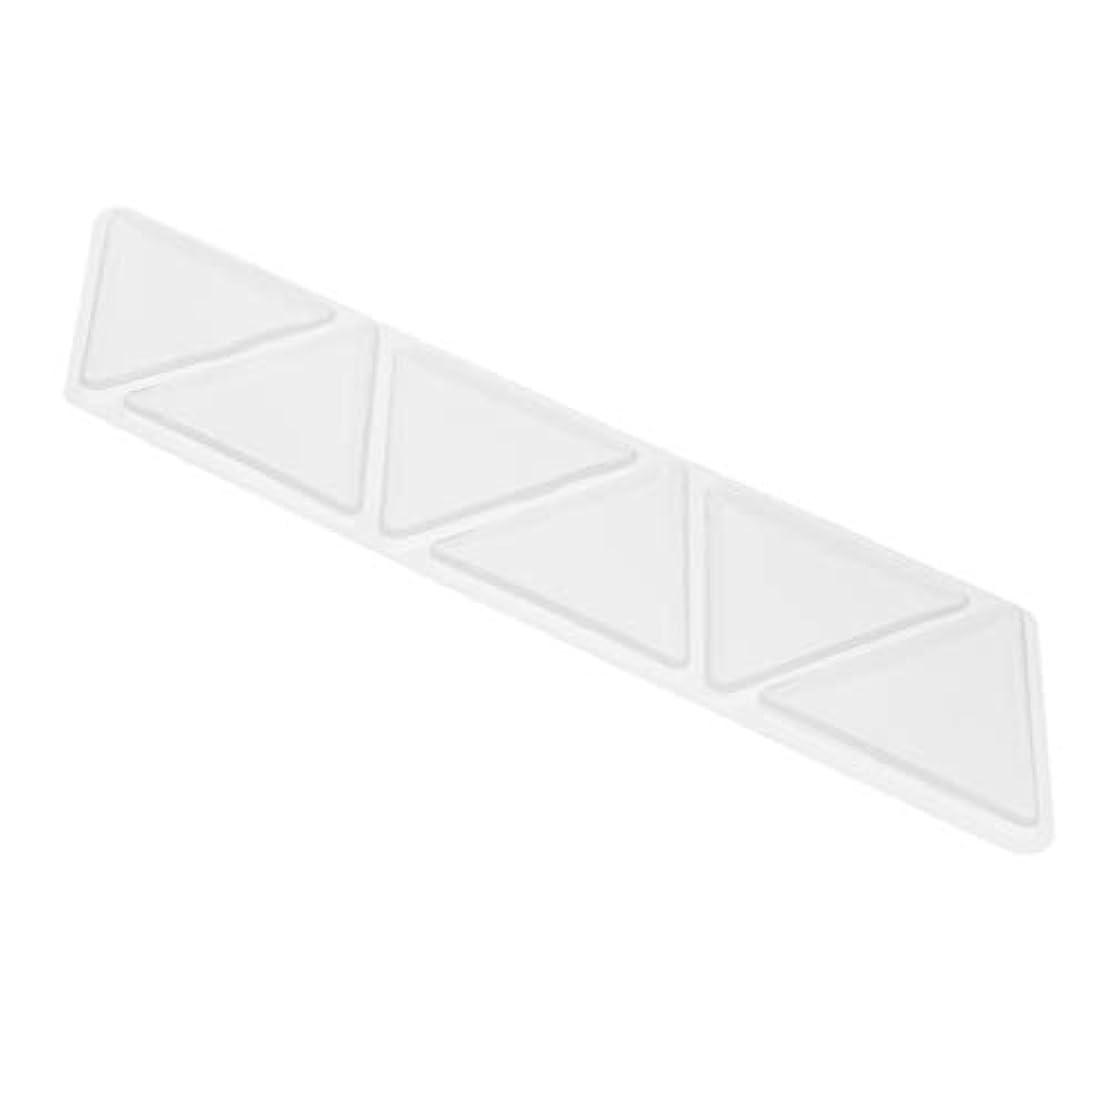 和解する競合他社選手ピルD DOLITY シリコーン アンチリンクル 額 パッド パッチスキンケア 三角パッド 6個セット